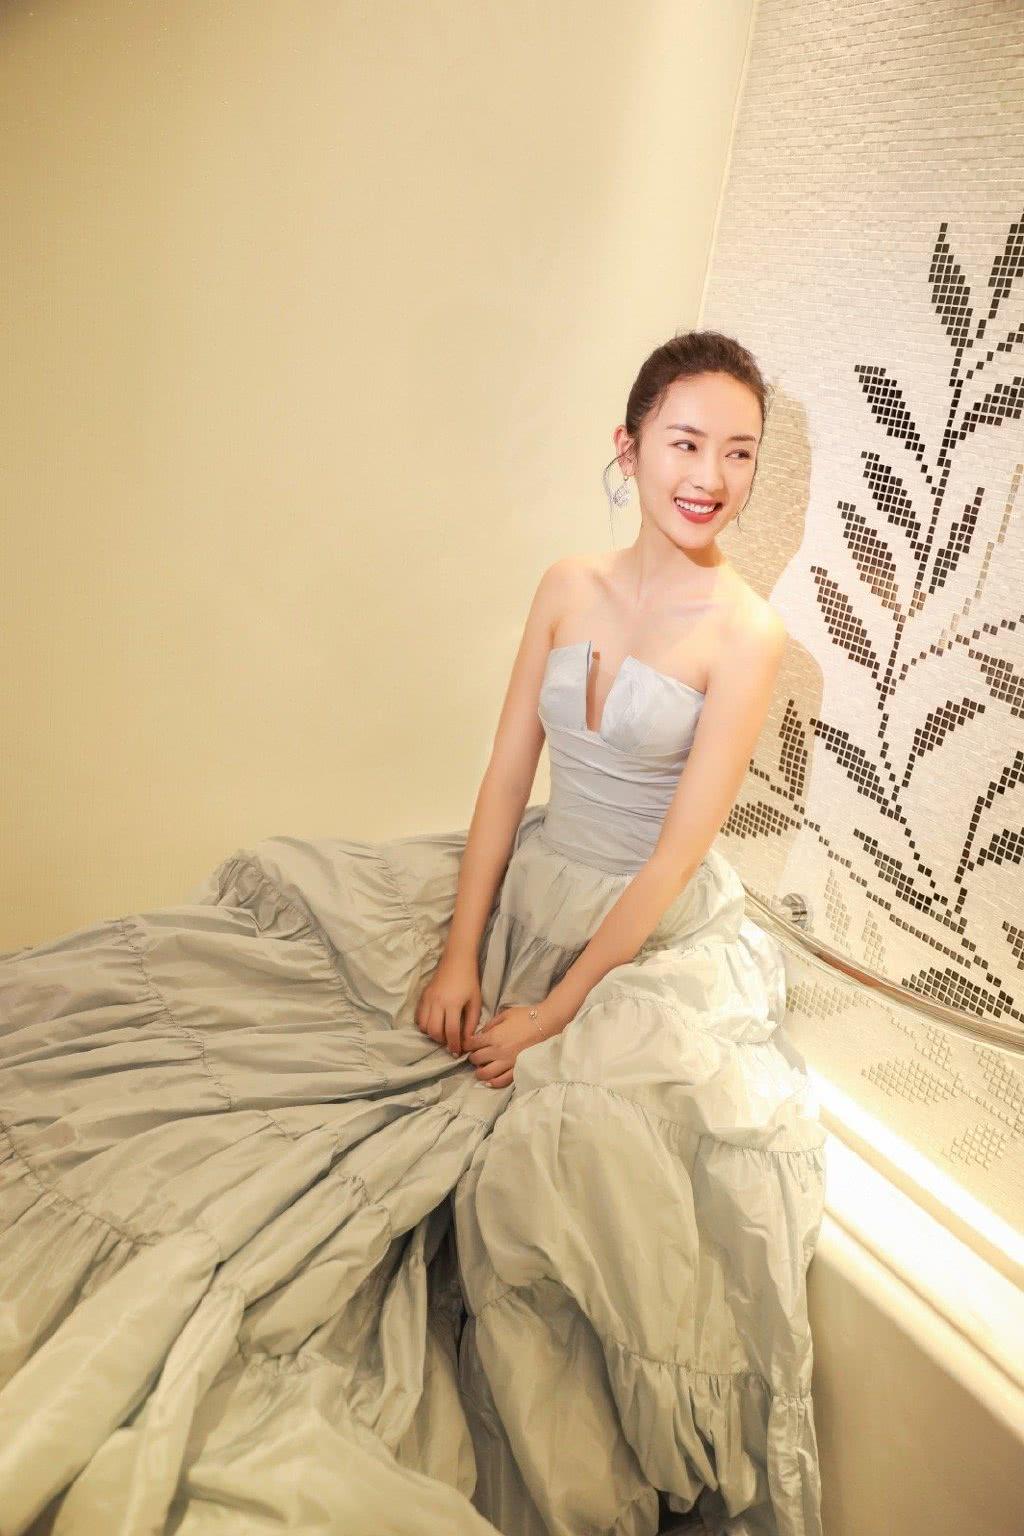 演《大江大河》她一炮而红,今穿抹胸礼服,34岁美回颜值巅峰